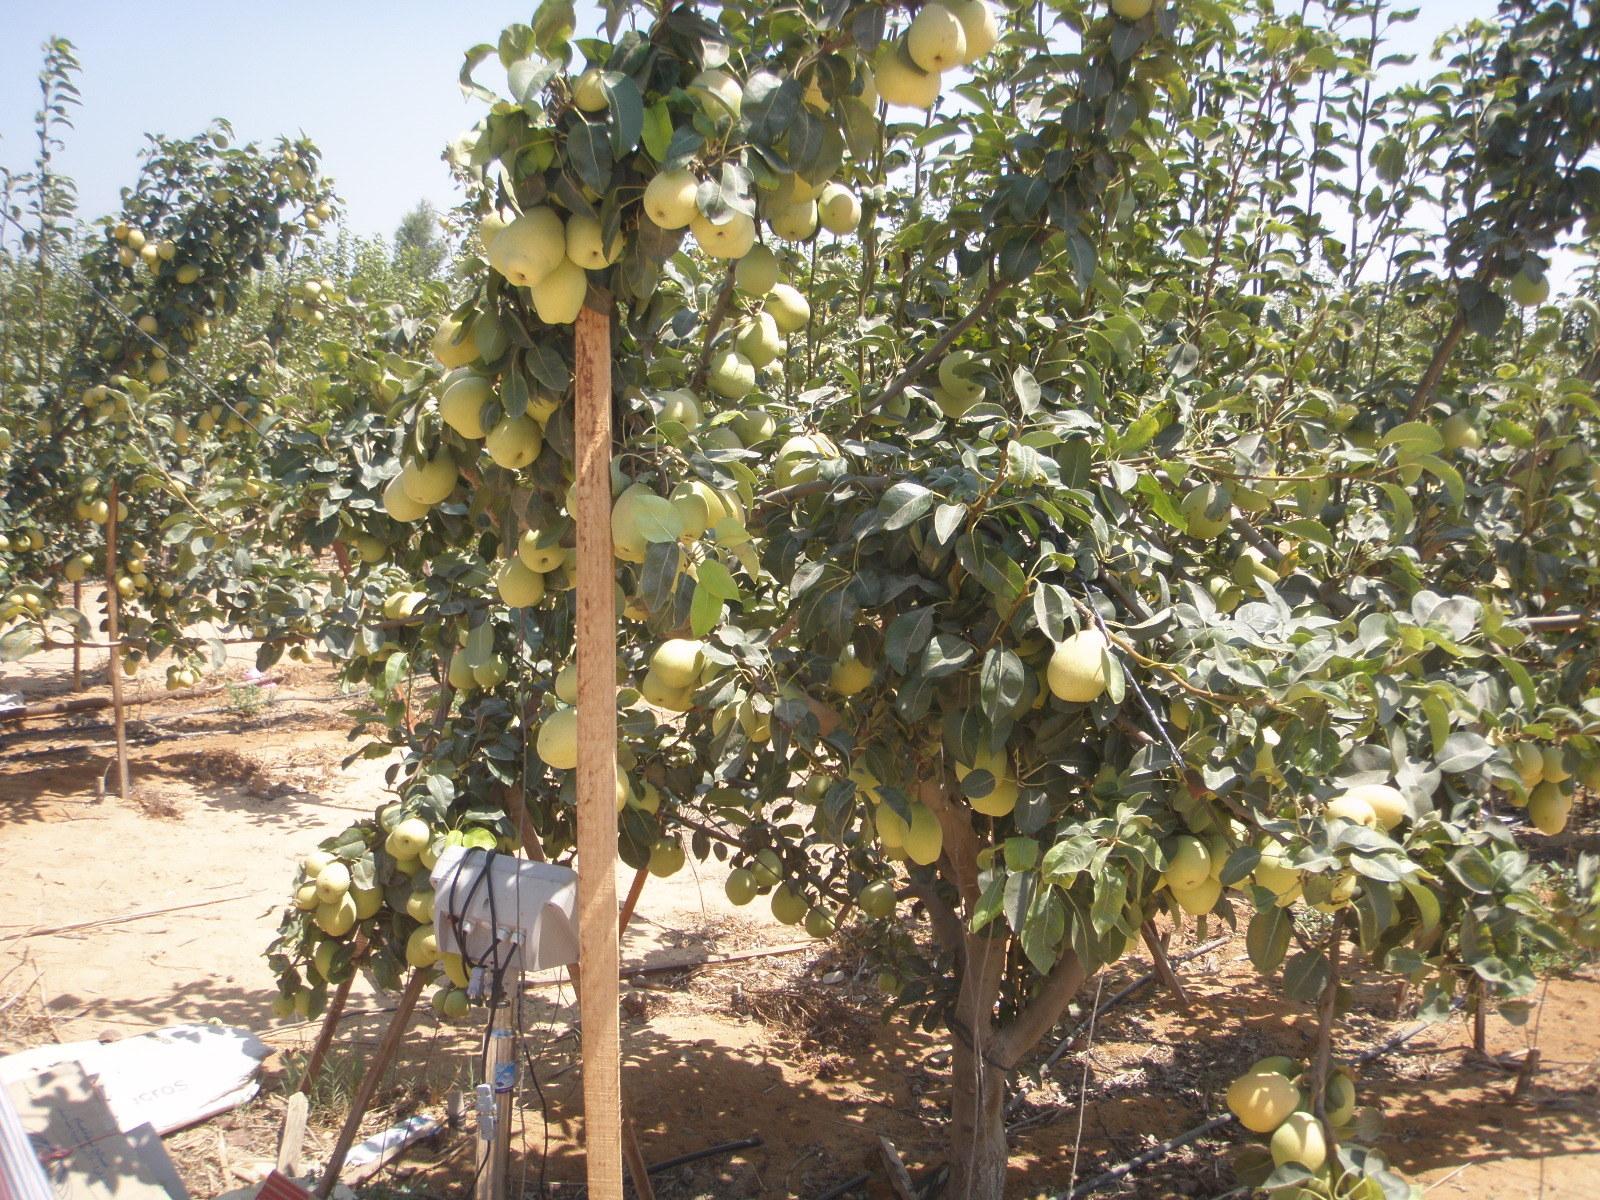 صورة أهم العمليات الزراعية التي تجُرى على بعض محاصيل الفاكهة والخضر خلال أشهر ابريل ومايو ويونية